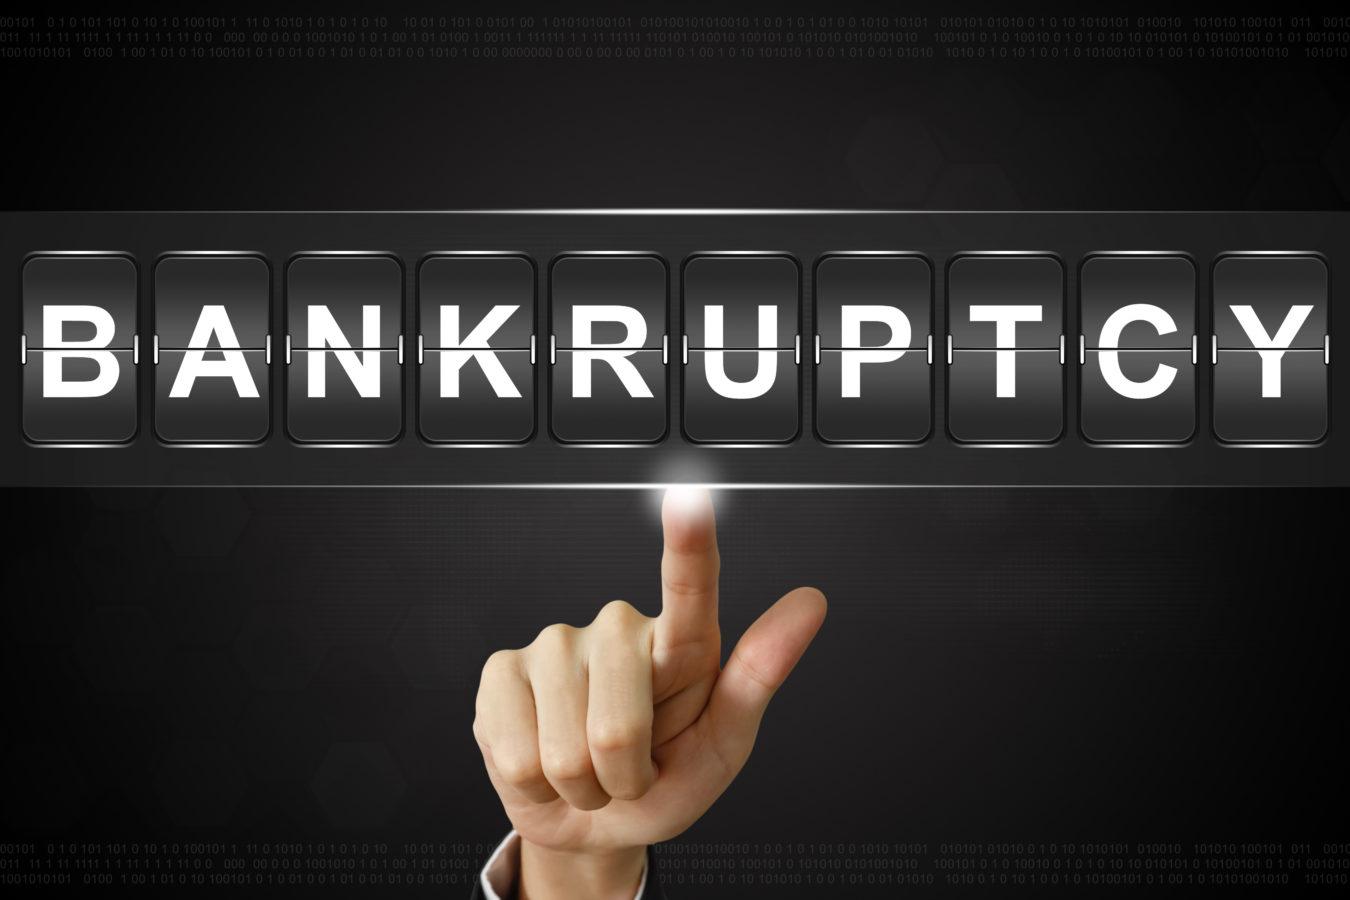 Entrée en vigueur de l'ordonnance de la FINMA sur l'insolvabilité bancaire